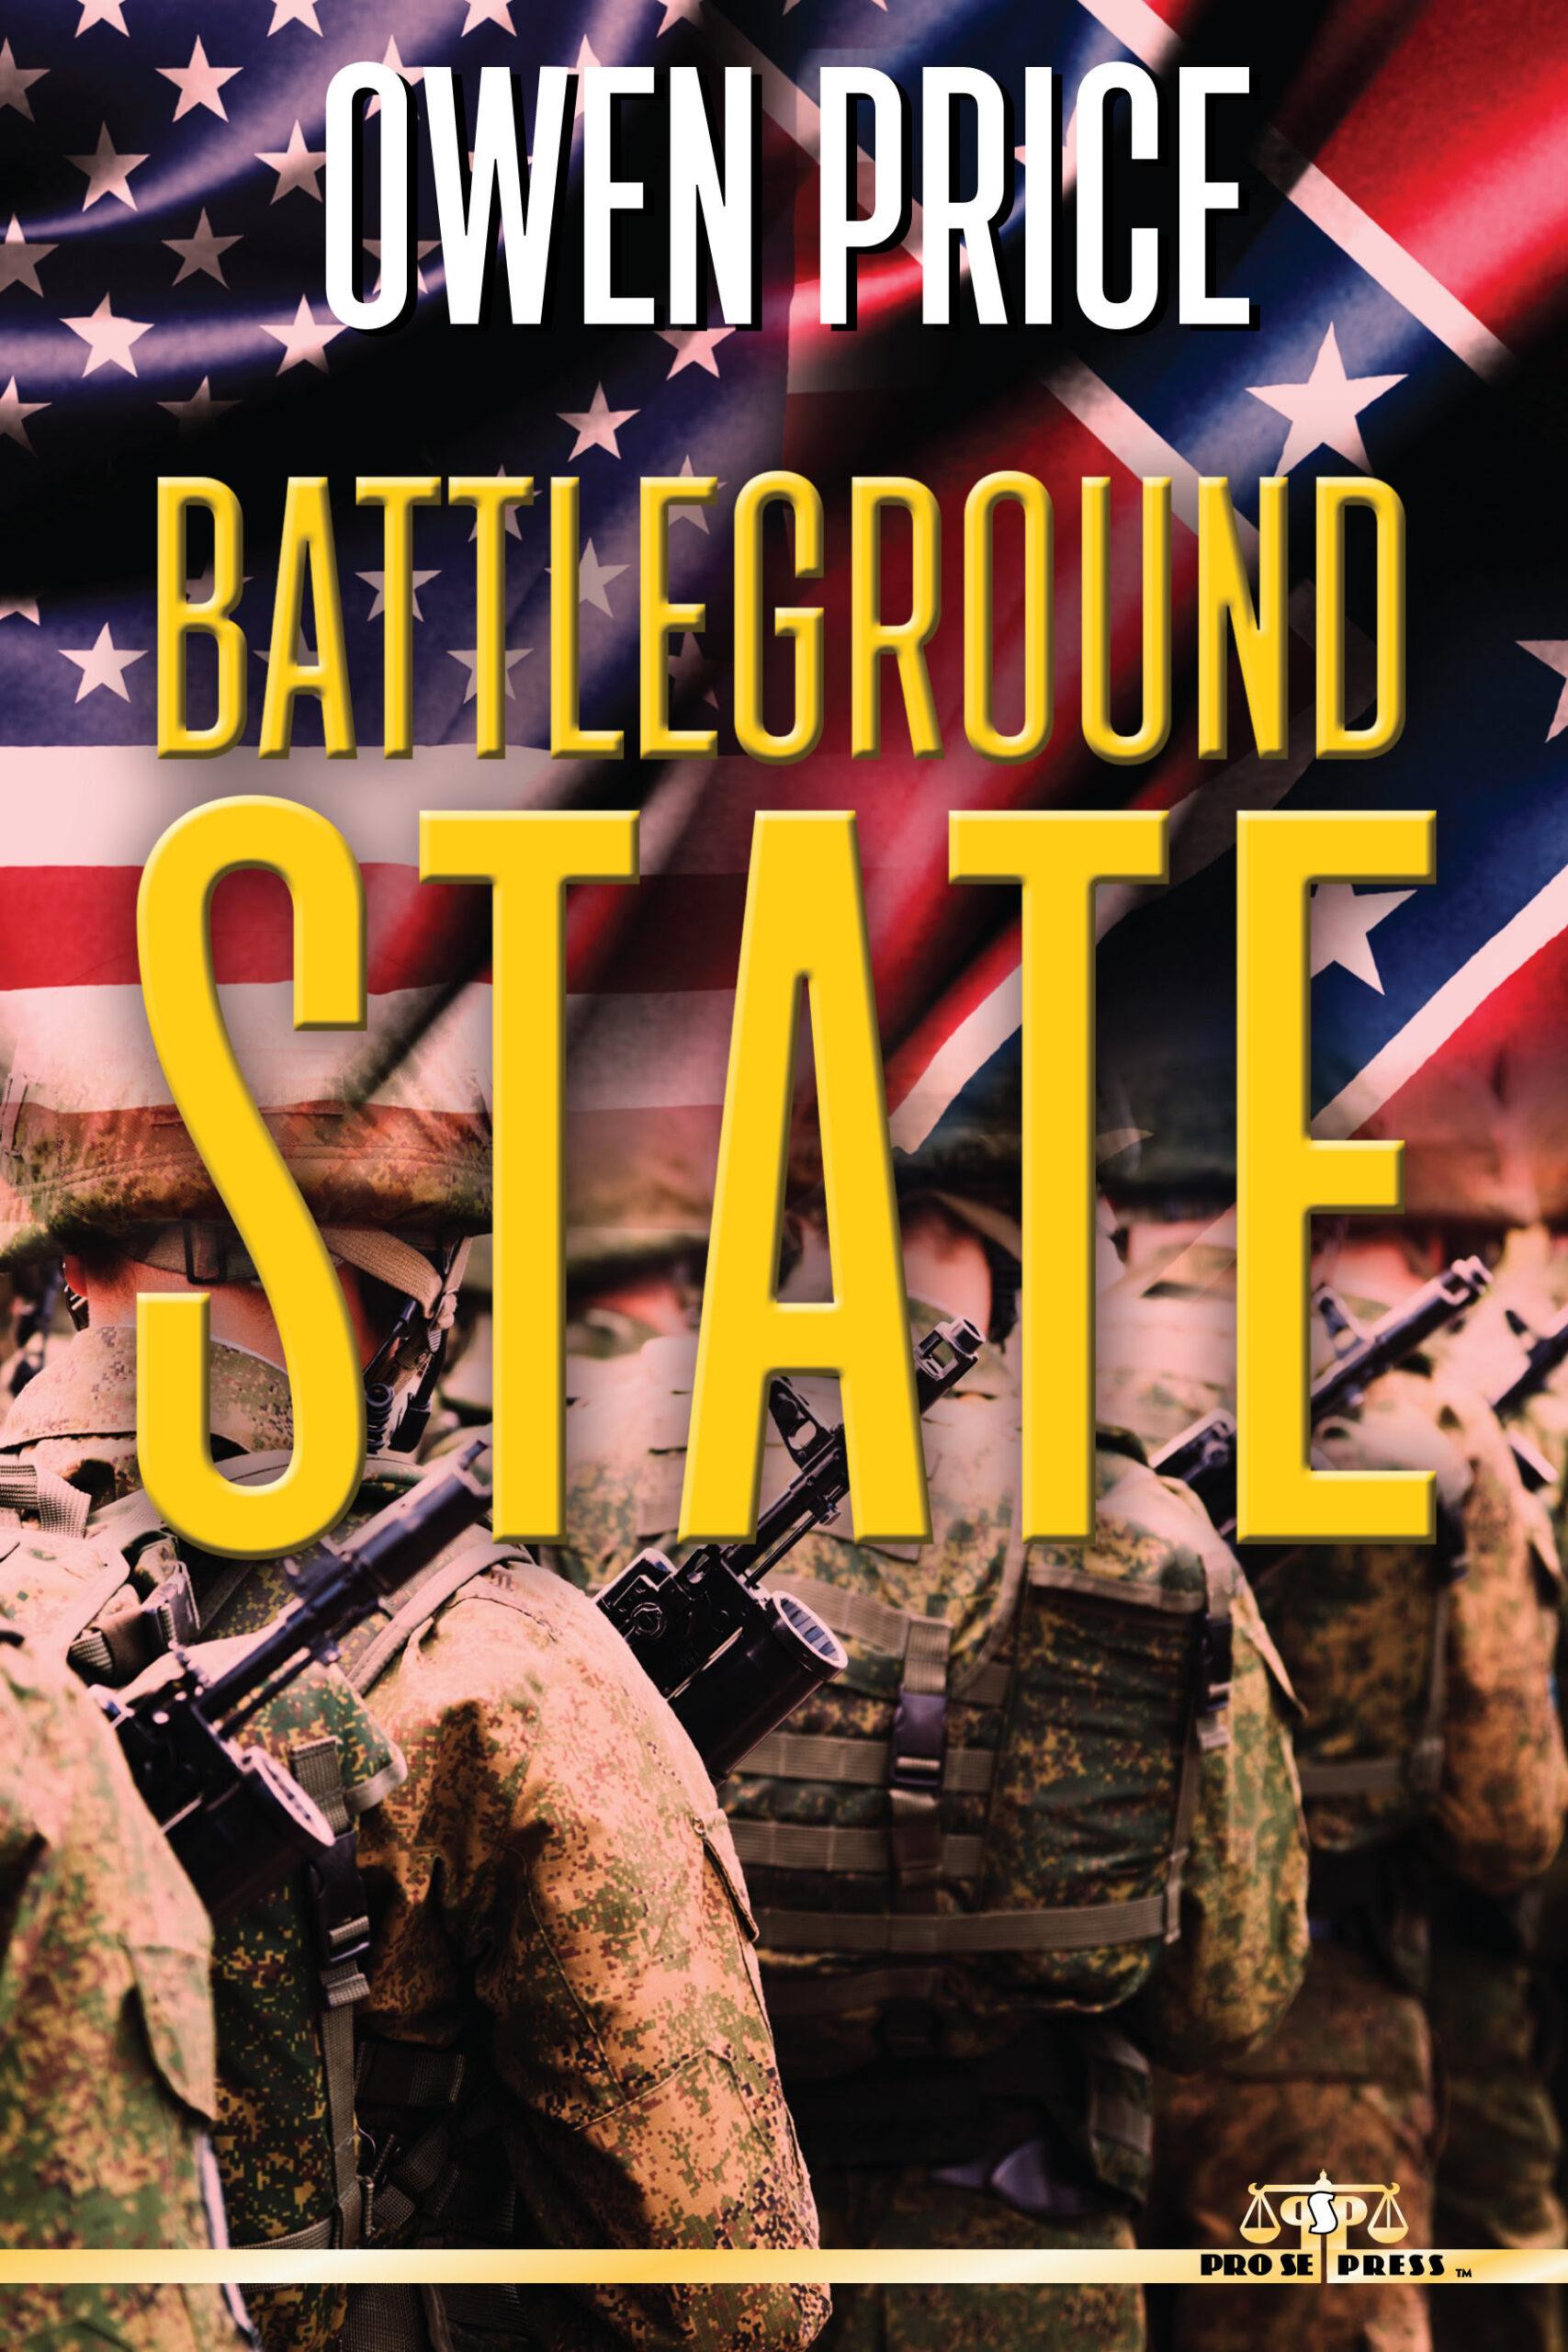 Battleground State